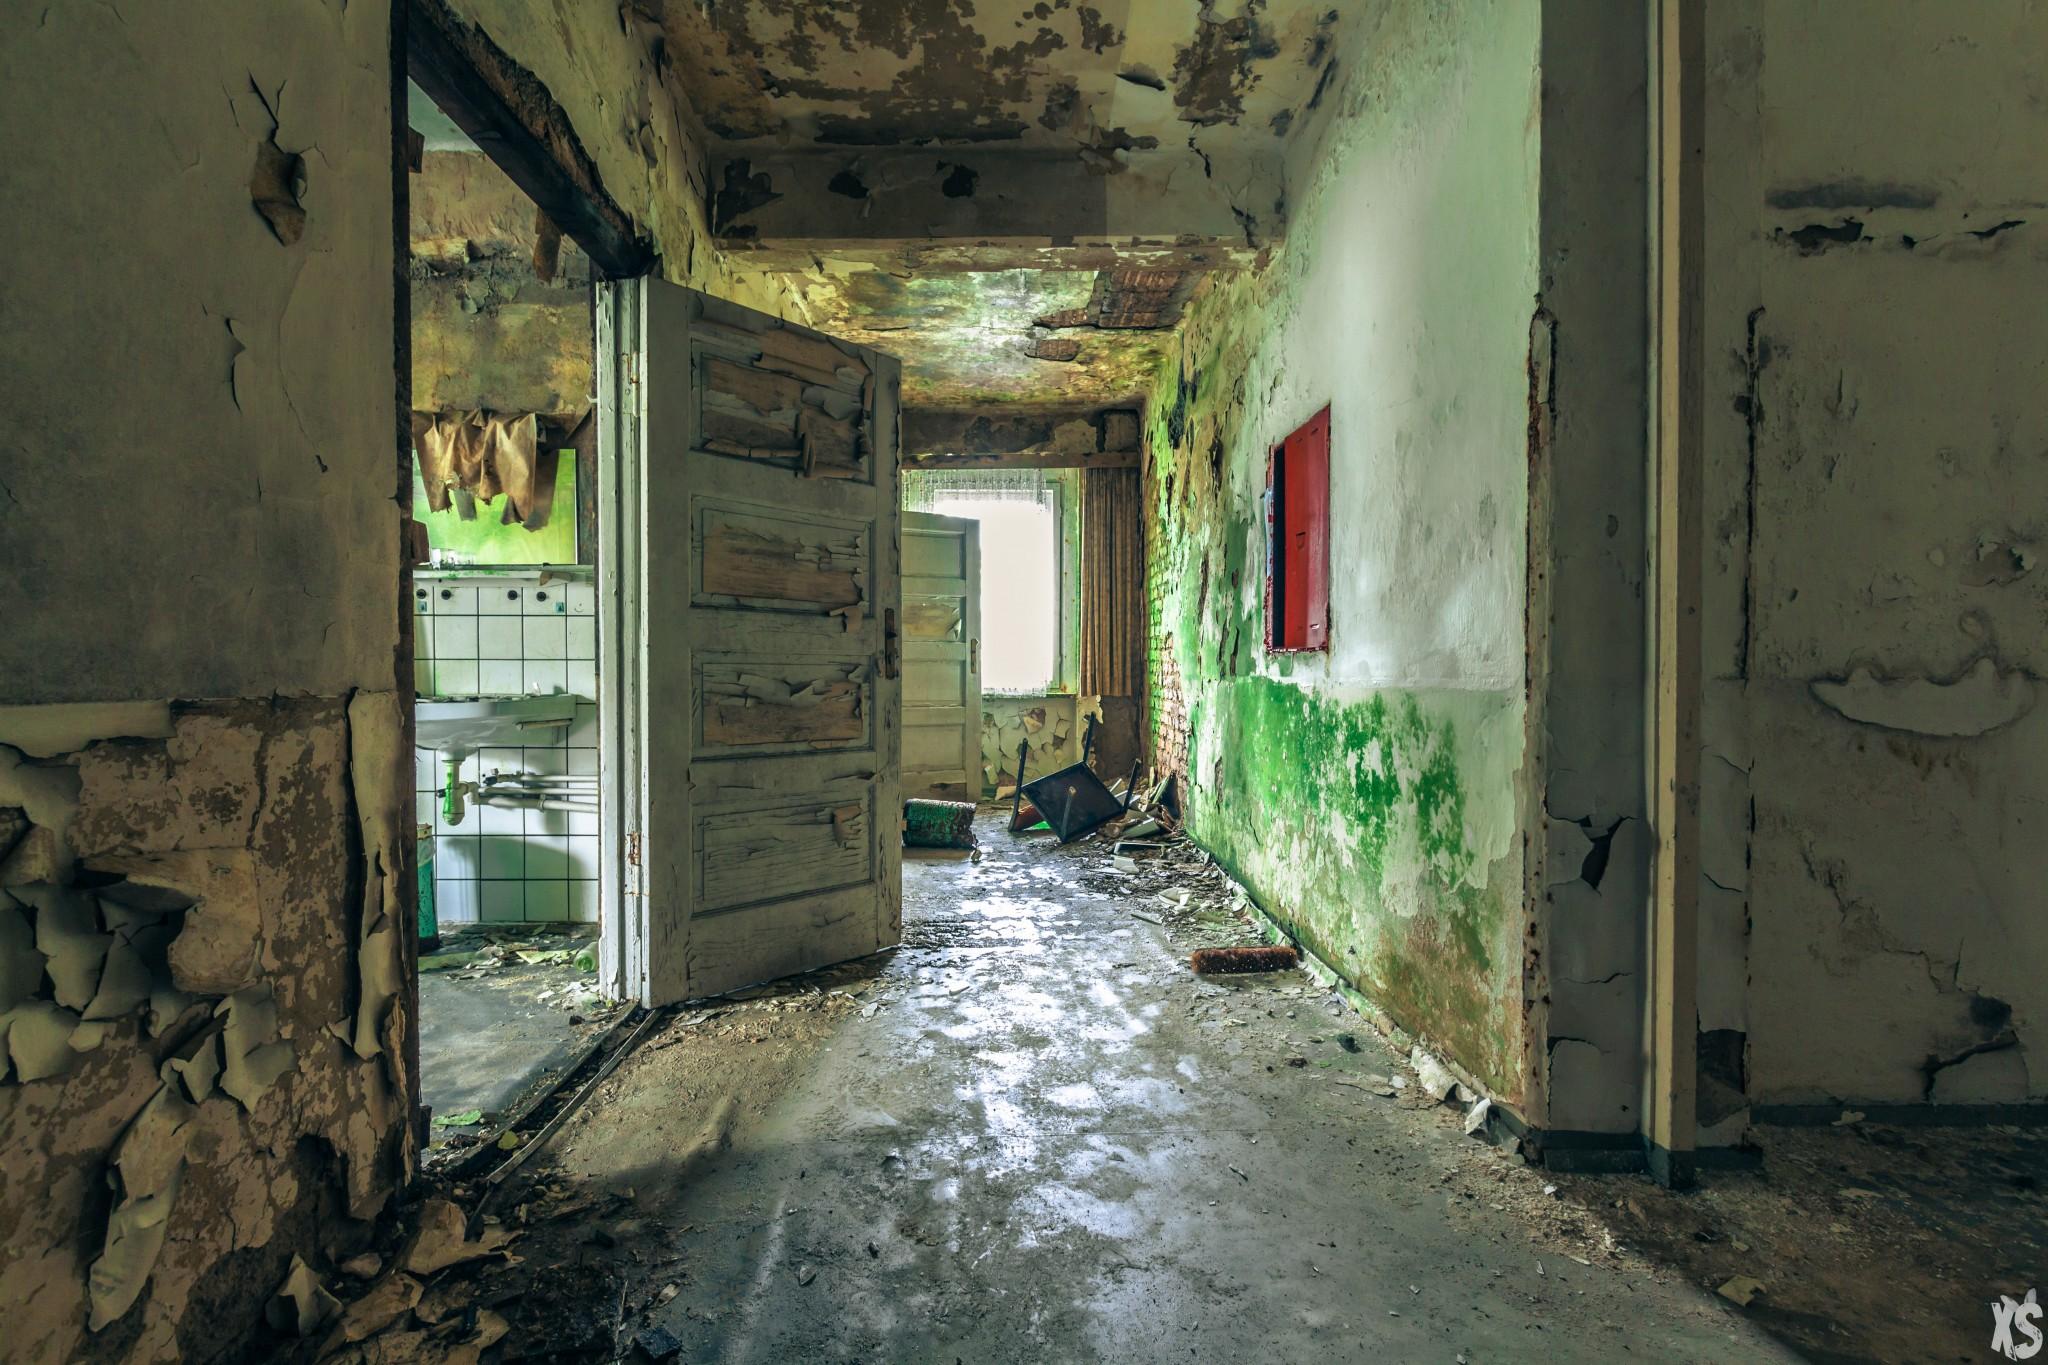 Hôtel abandonné en Allemagne | urbexsession.com/hotel-oleg-naumov | Urbex Allemagne